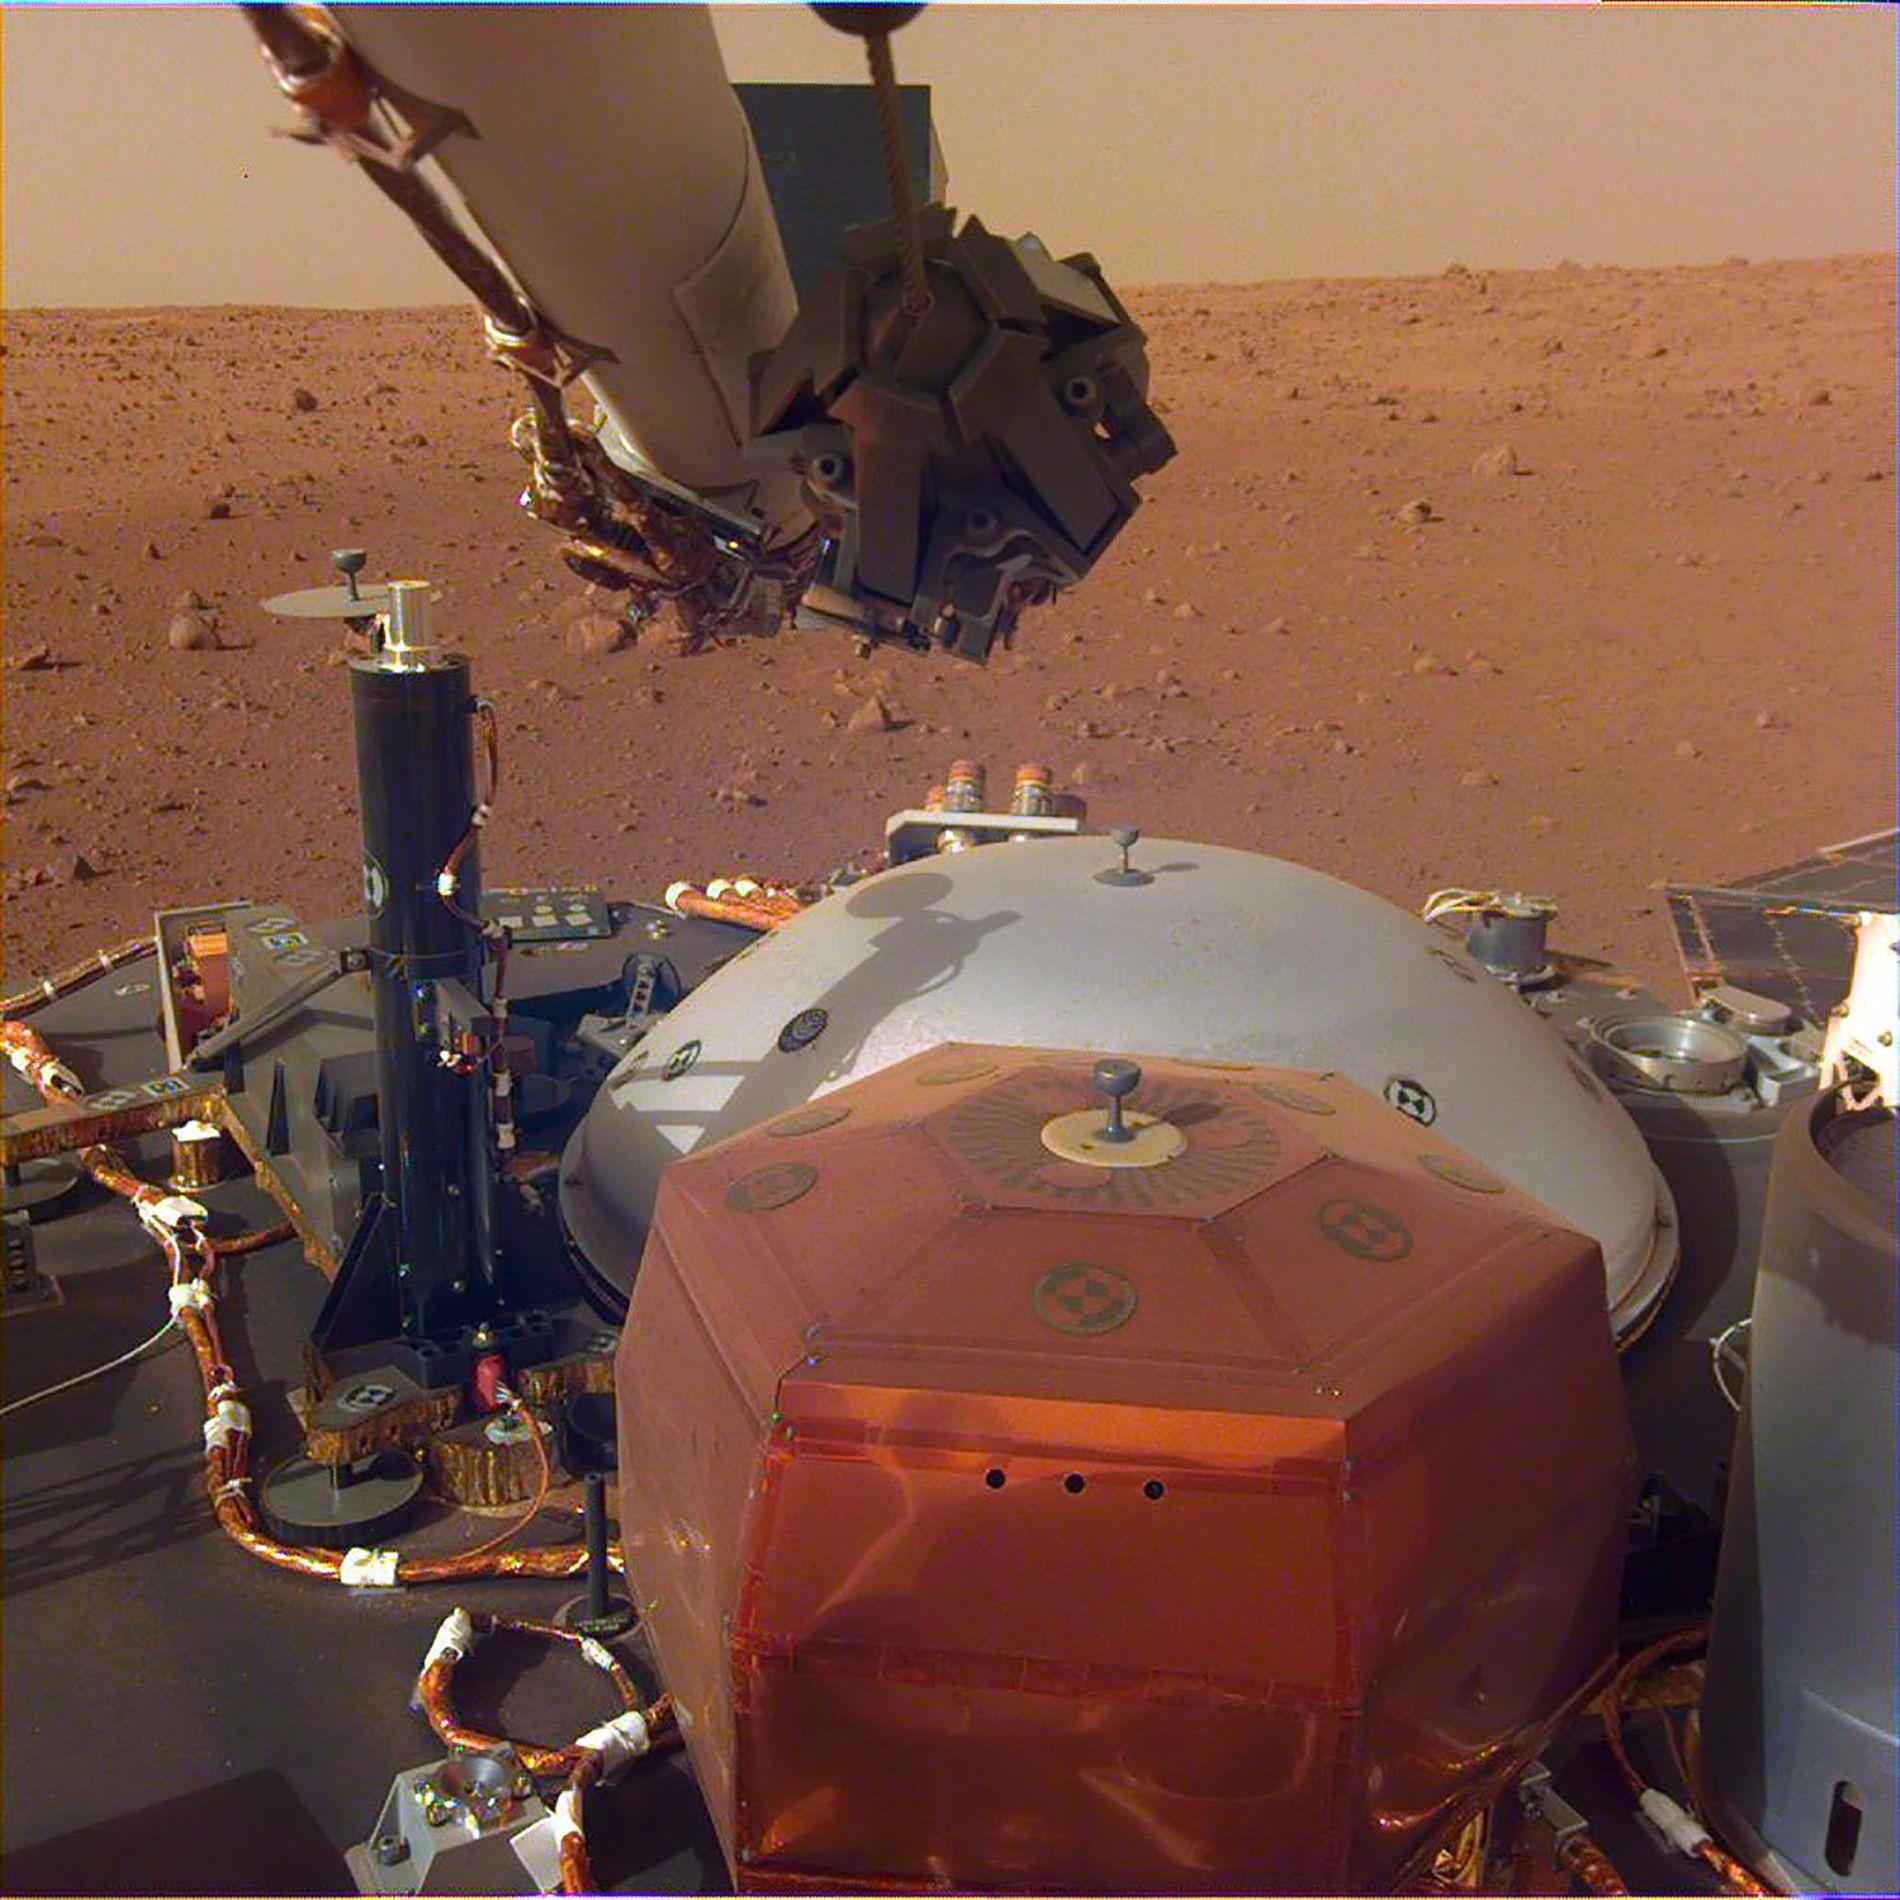 PÅ MARS: Romsonden Insight har landet på Mars, hvor de skal gjøre en rekke undersøkelser av den røde planeten.